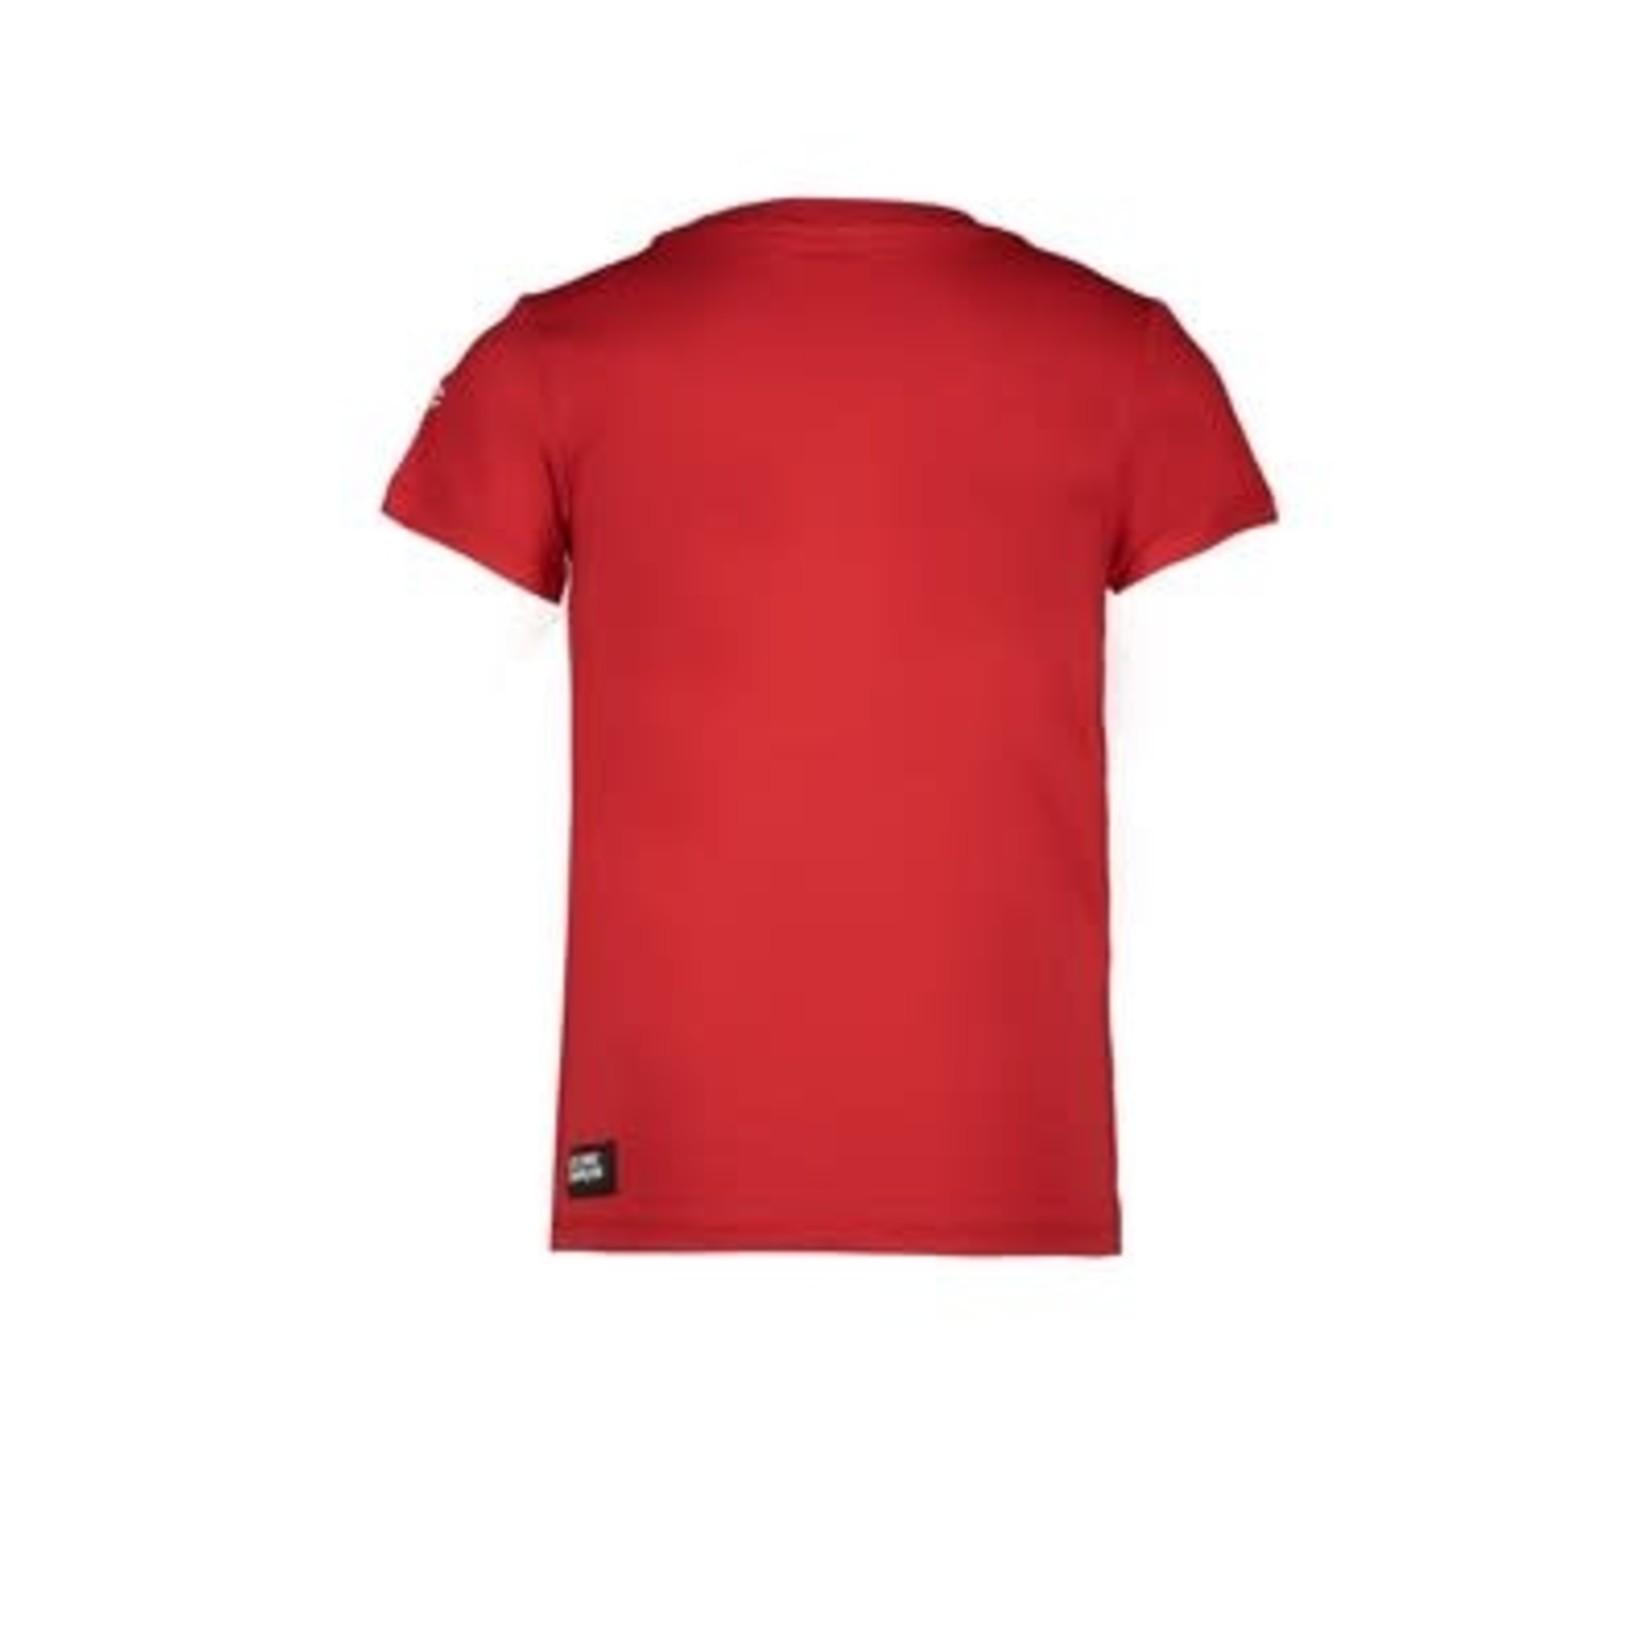 Le Chic Garçon T-shirt Garçon underlined